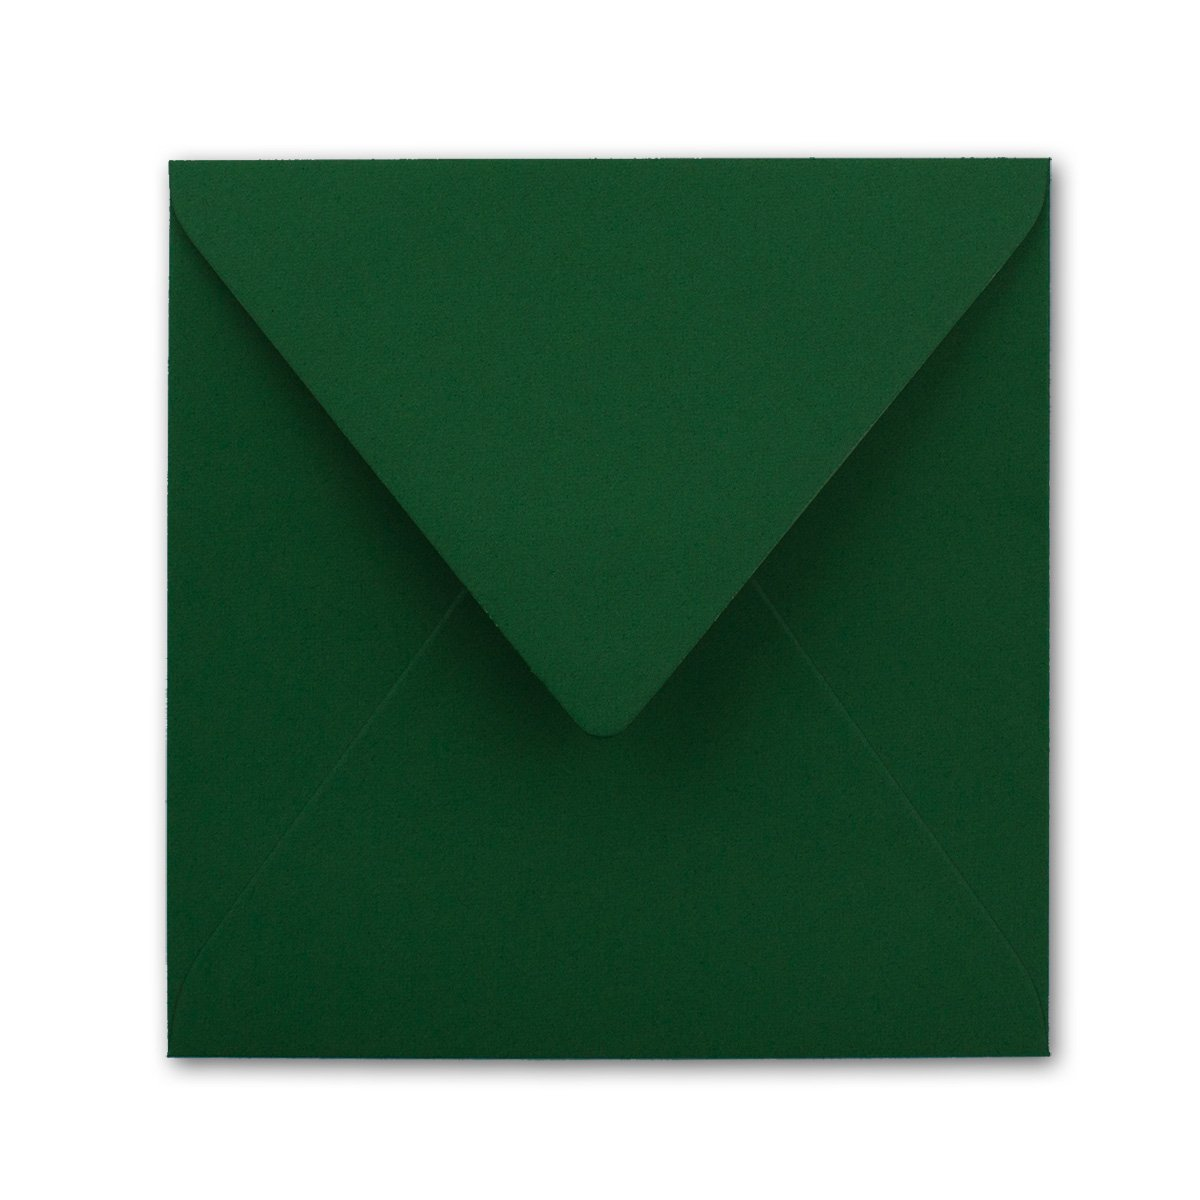 Quadratische Brief-Umschläge - Farbe Hochweiss   150 Stück     155 x 155 mm   Nassklebung   Für Einladungen & Hochzeit    Serie FarbenFroh® B07D2H3CF8 | Sorgfältig ausgewählte Materialien  c96f51